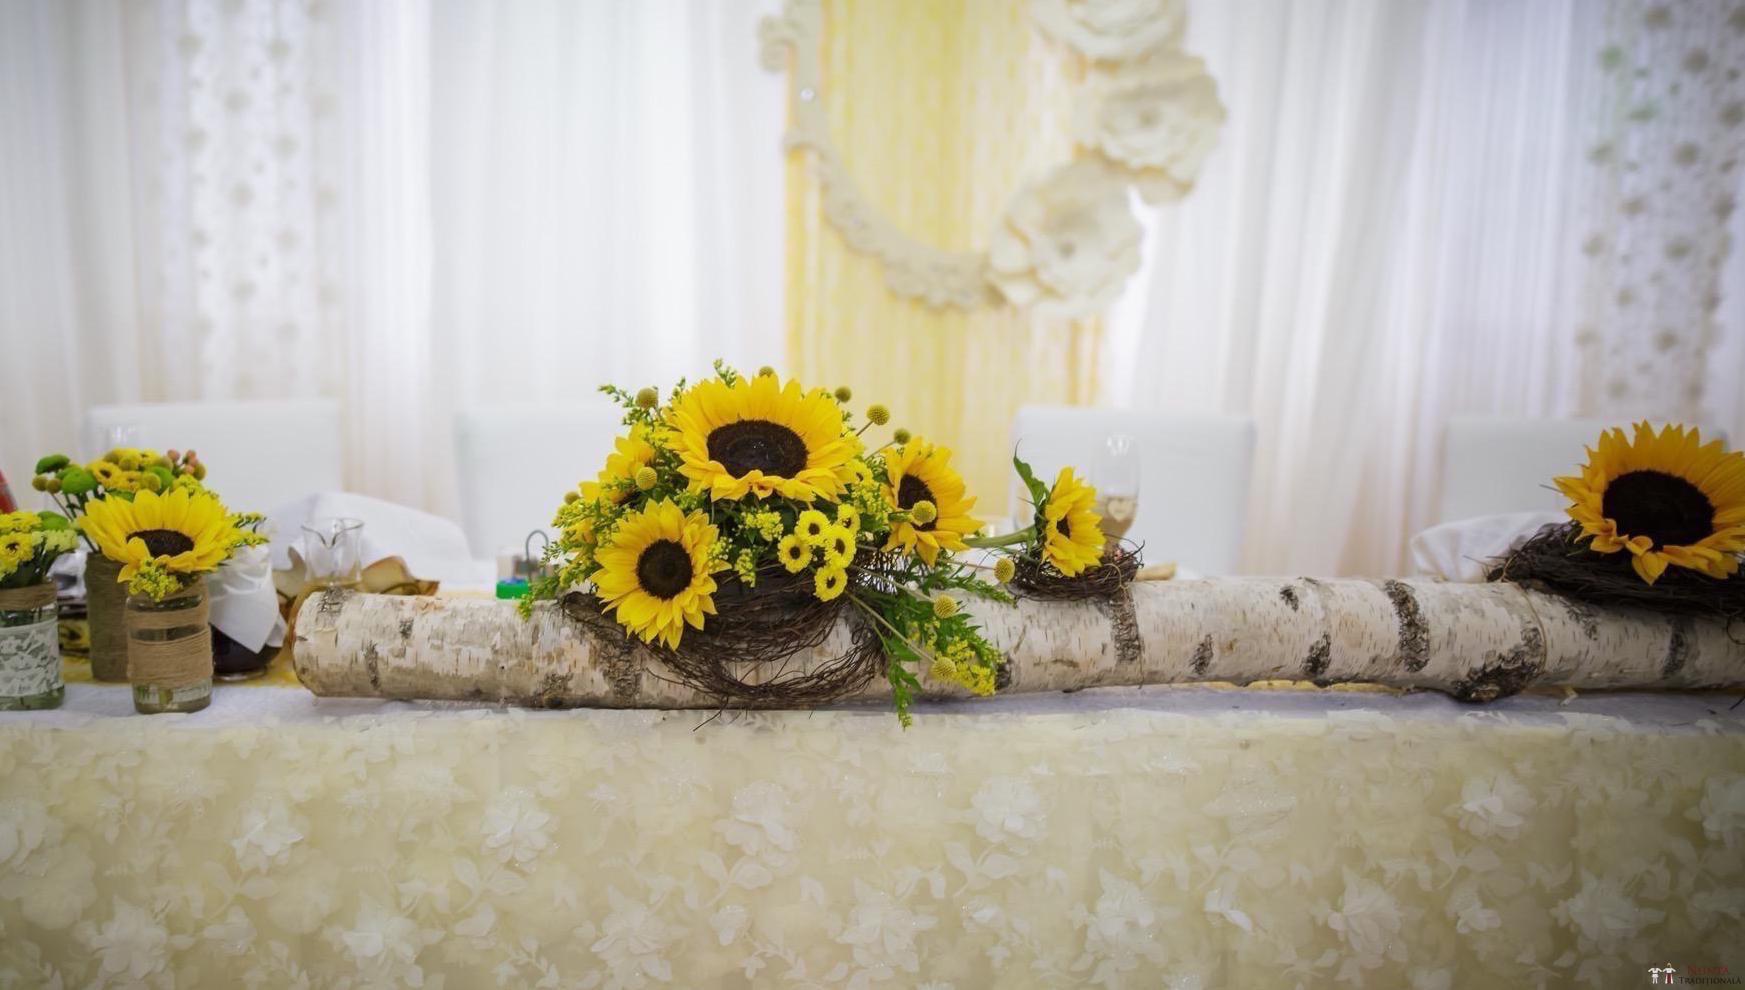 Idei și Sfaturi - Decorațiuni și aranjamente florale în stil tradițional